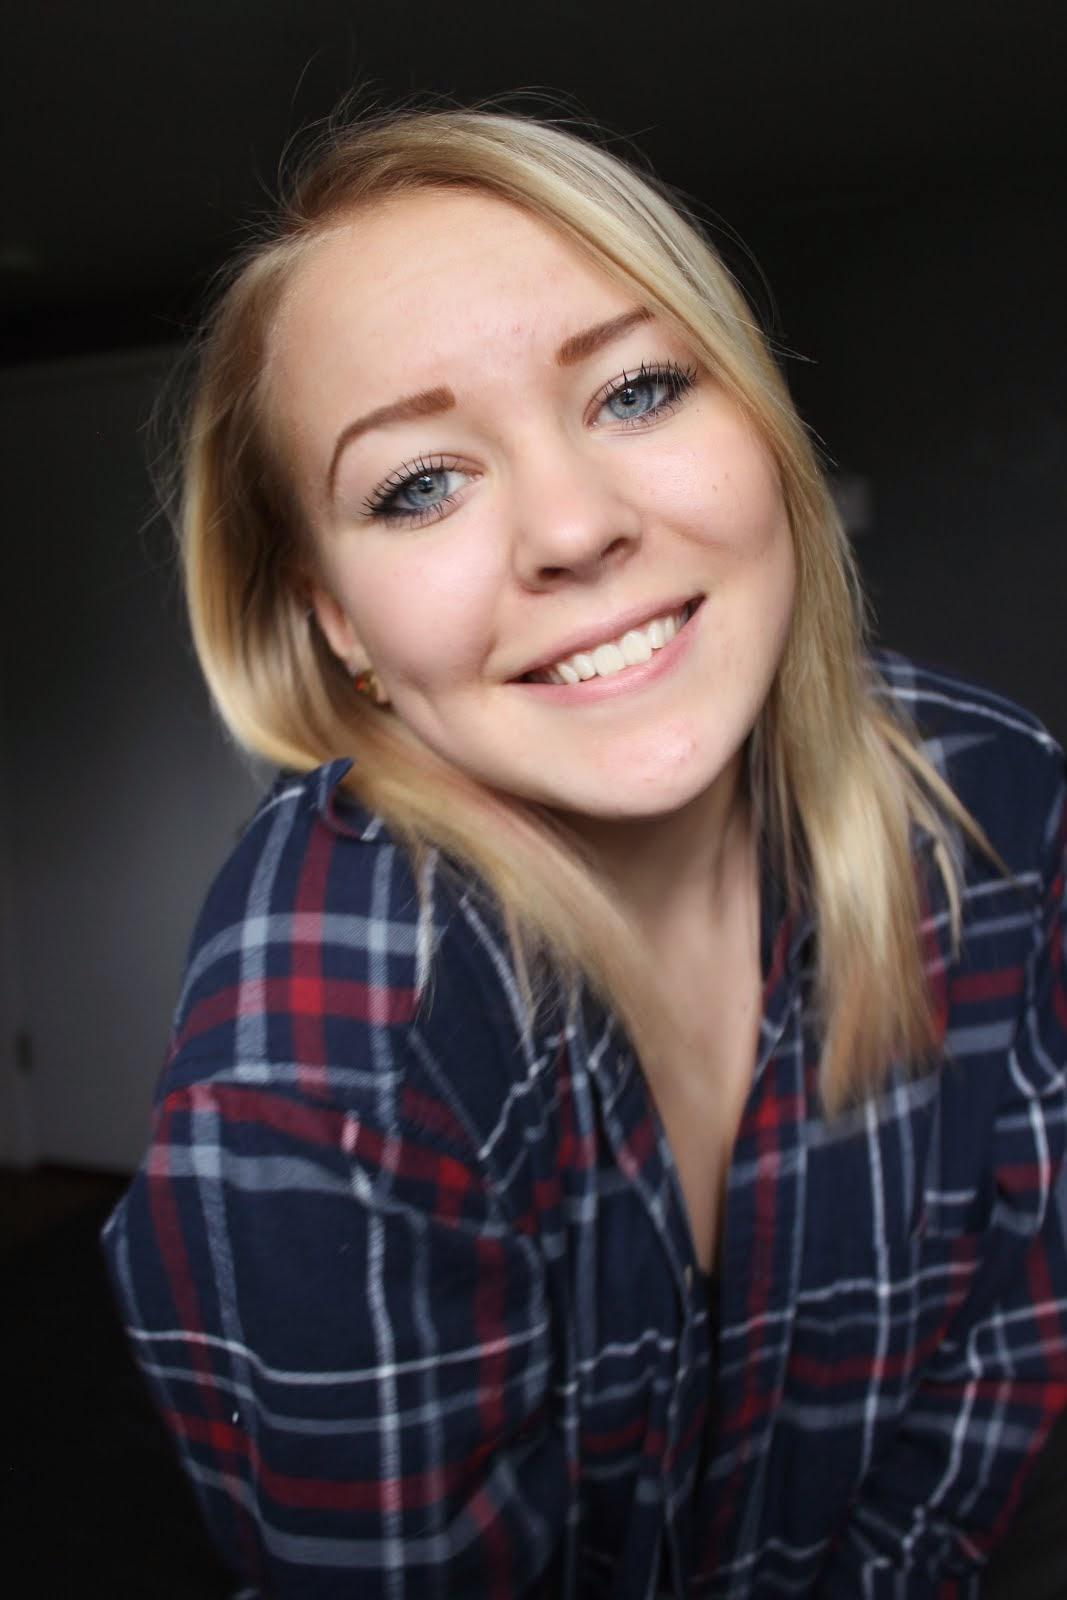 MILLA, 19, FINLAND/USA